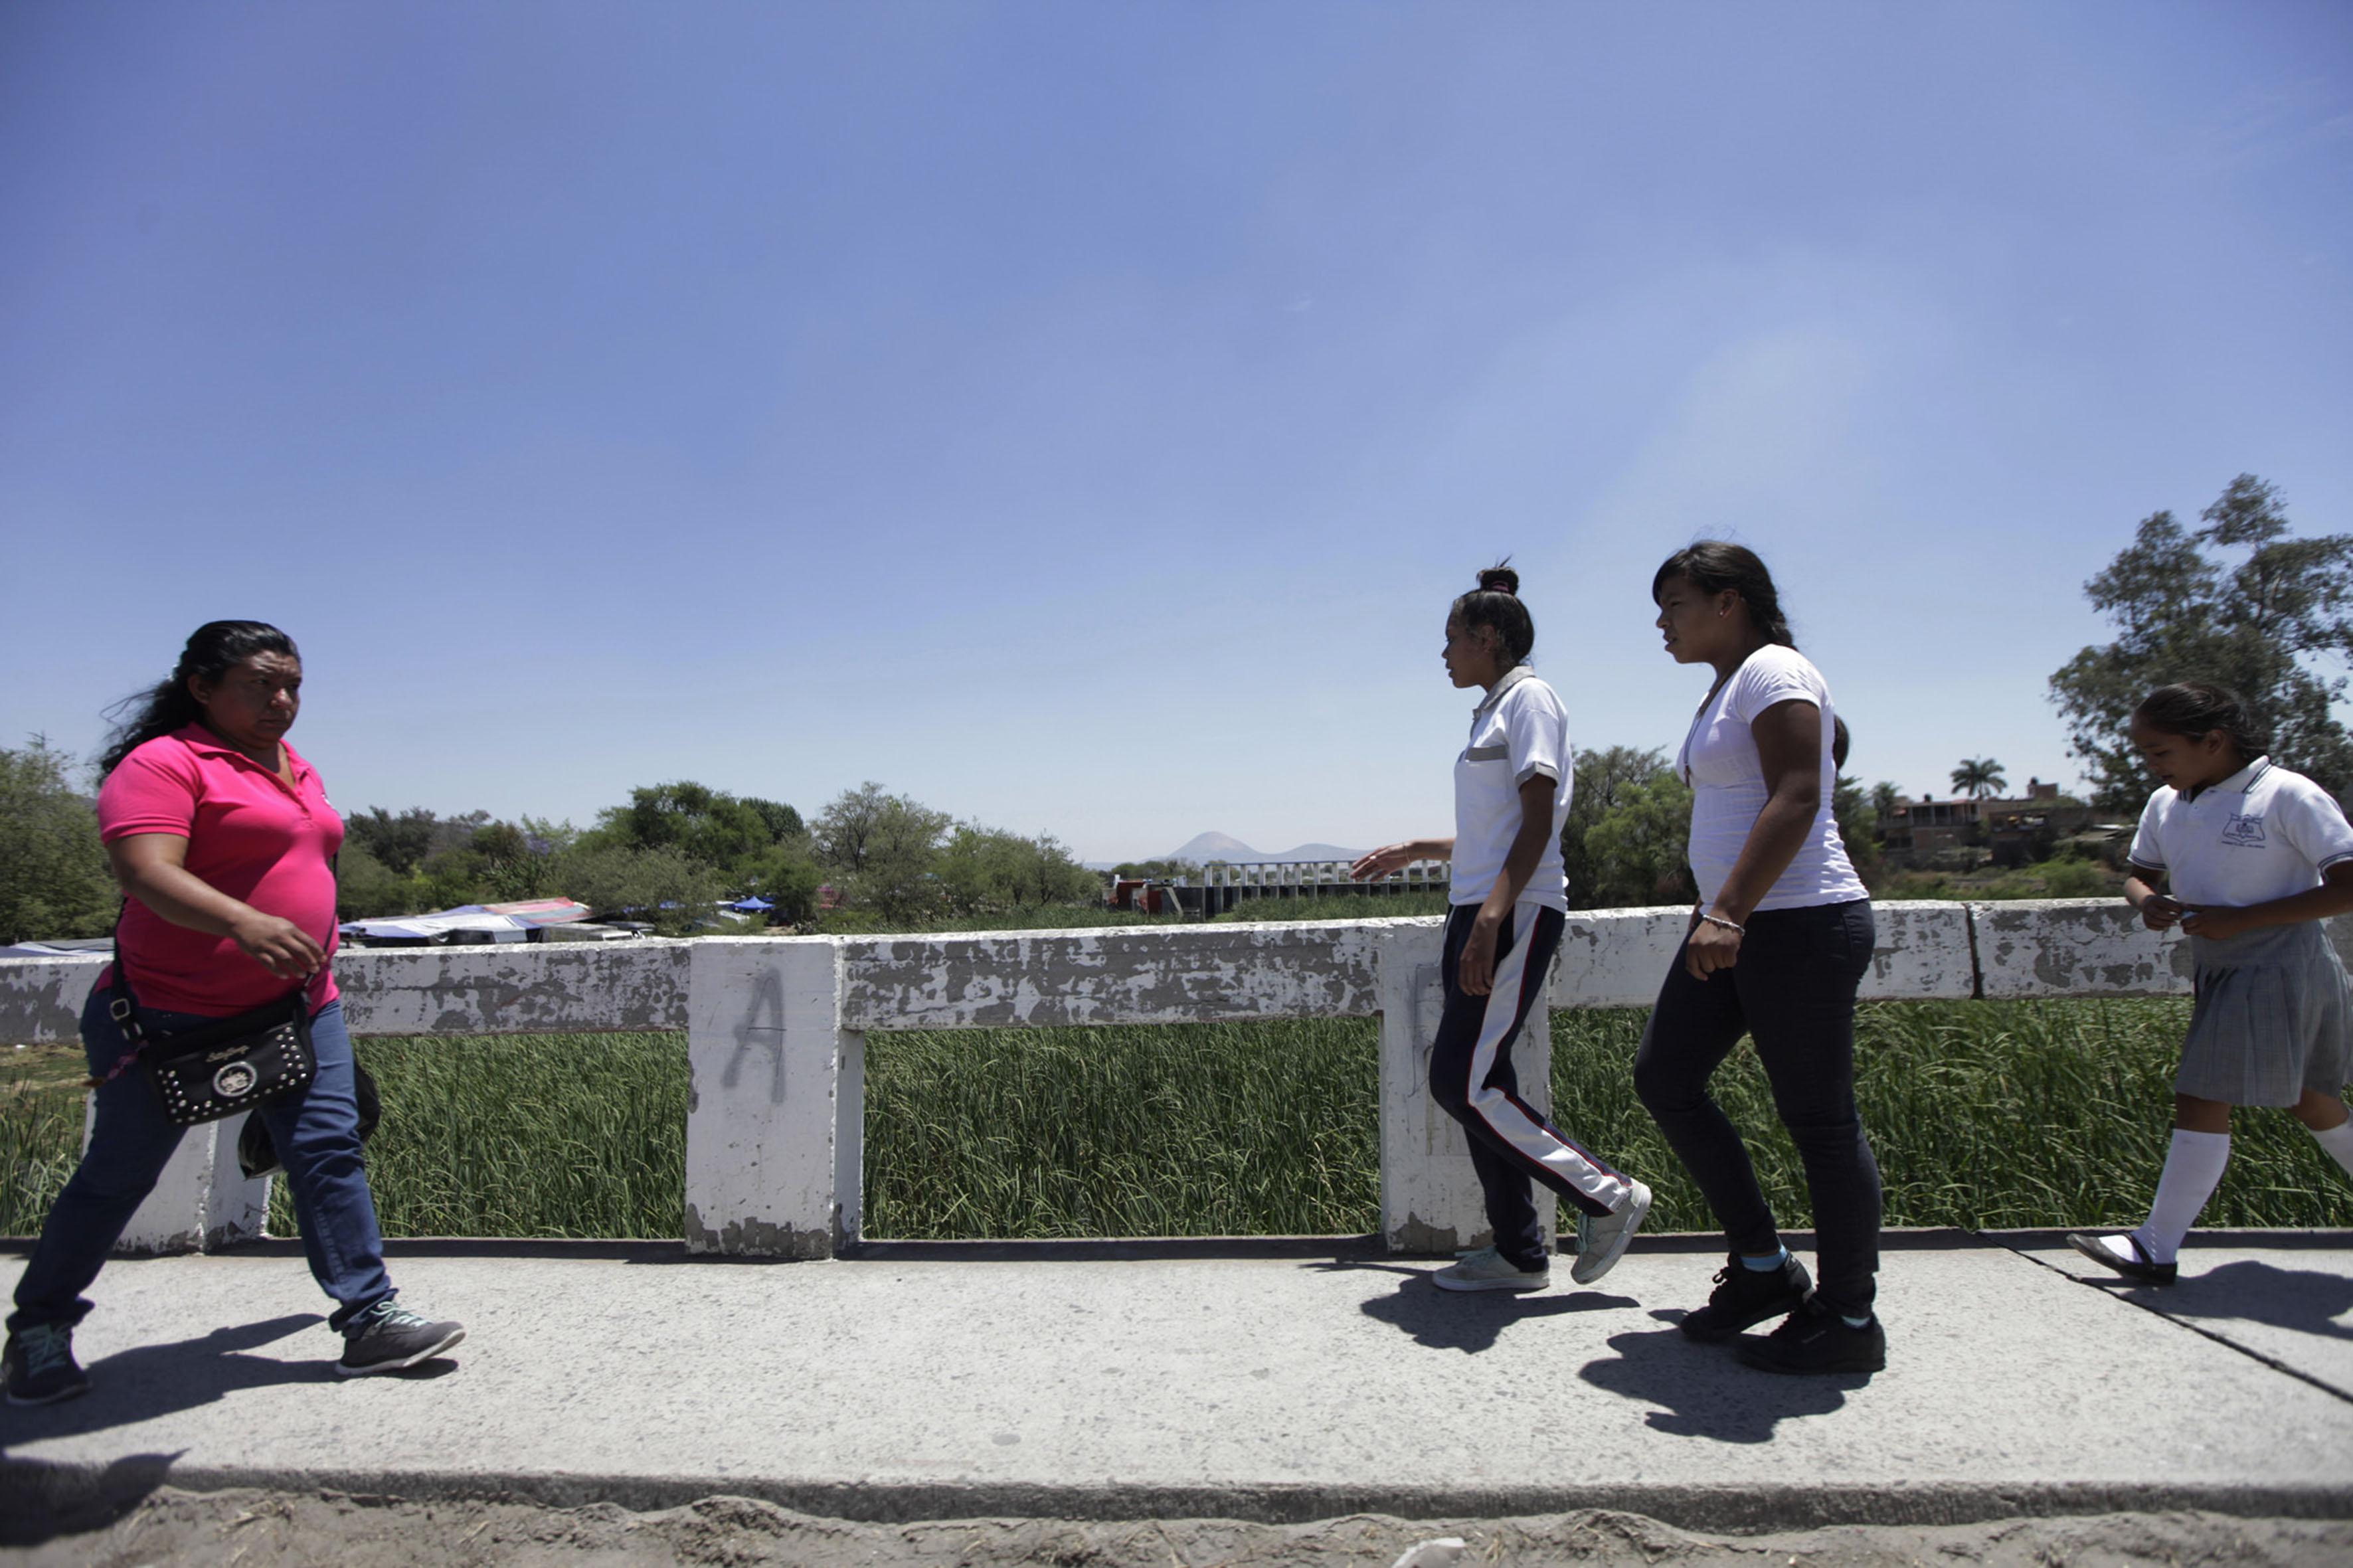 Personas caminando sobre puente peatonal ubicado en el rio verde.